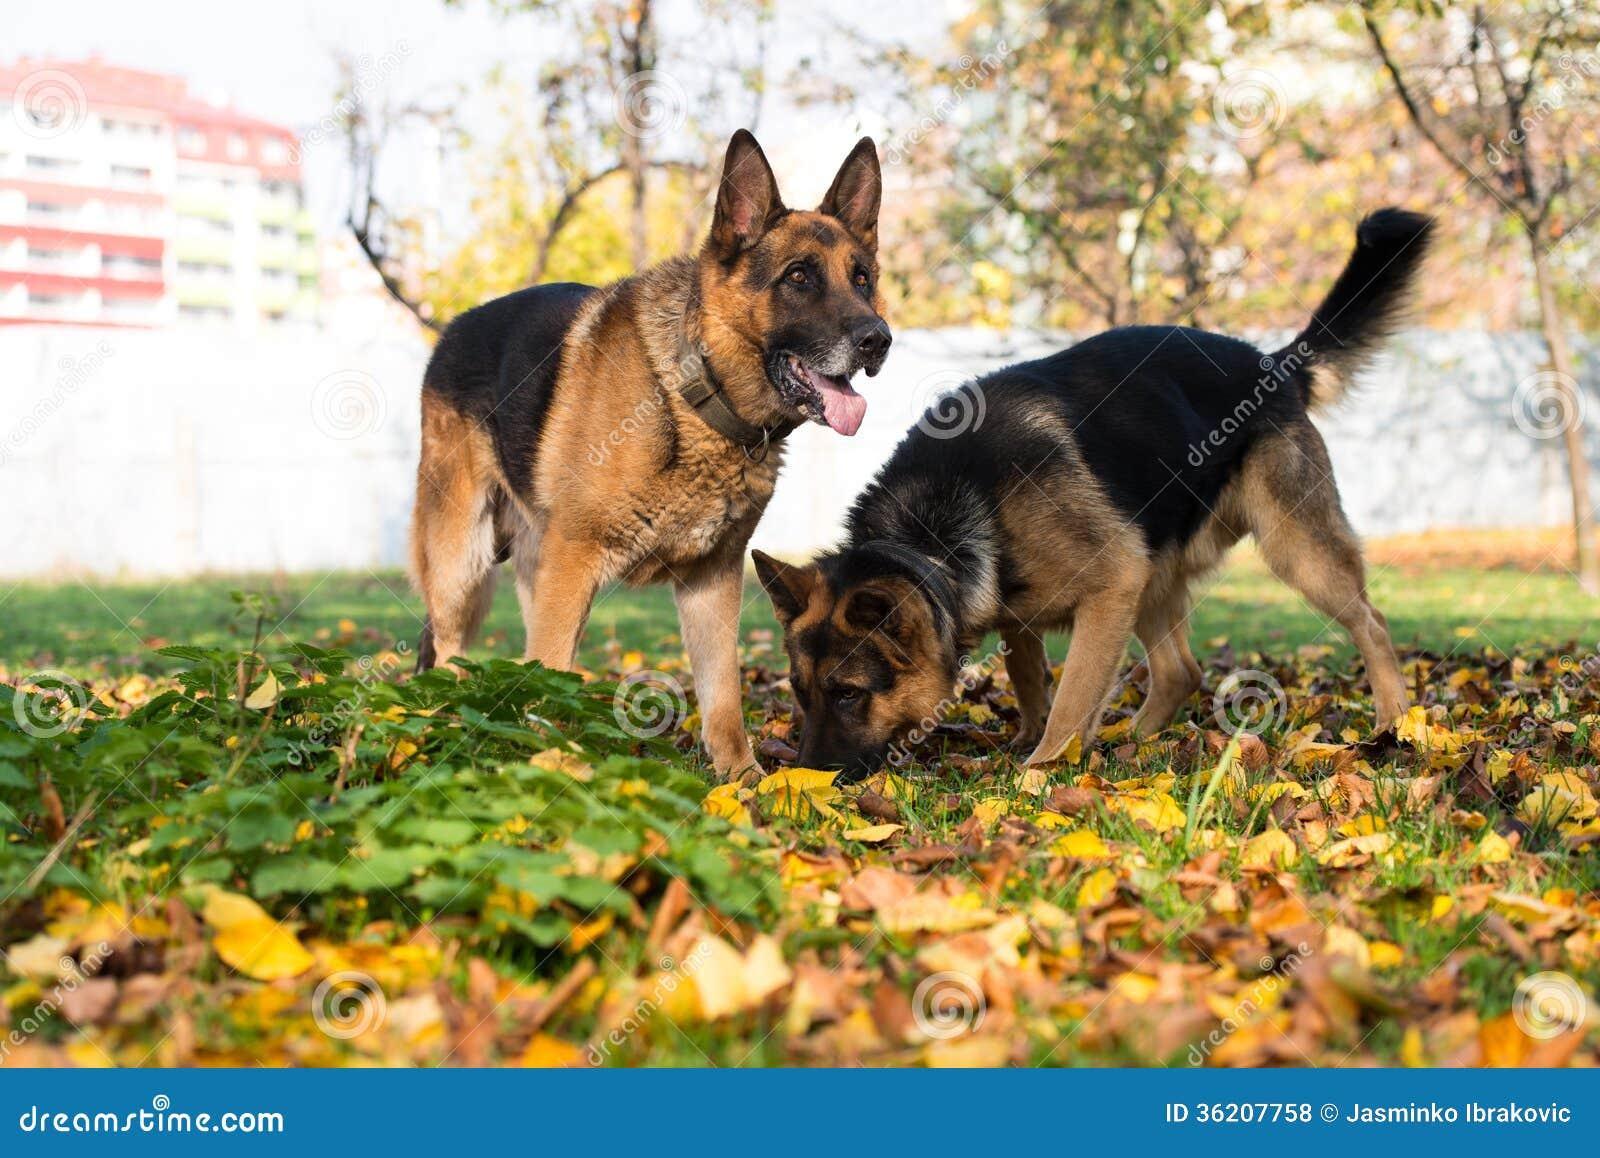 Dog German Shepherd Police